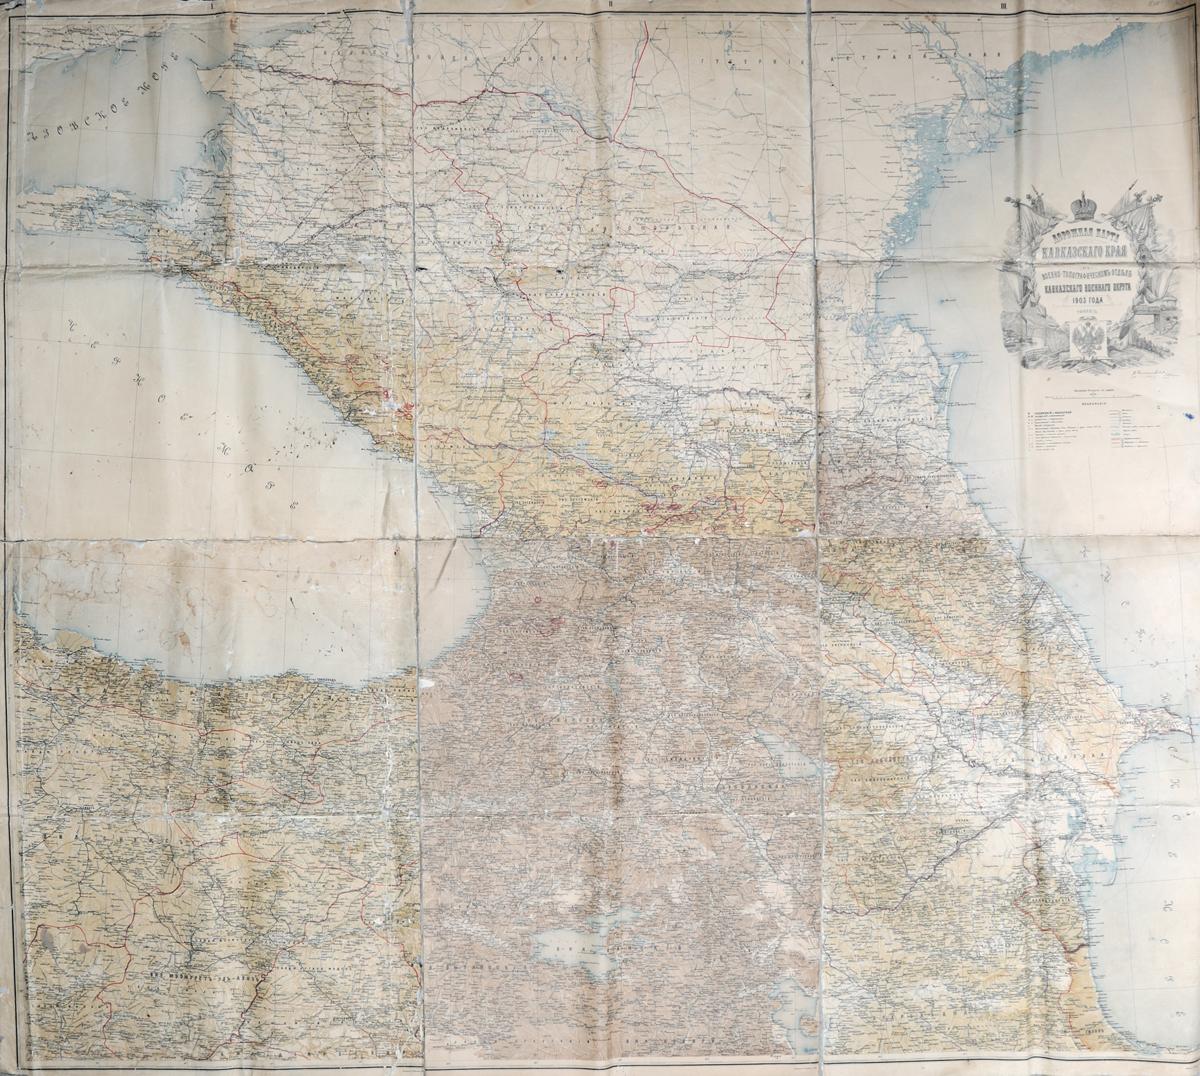 Дорожная карта Кавказского края. Тифлис, Российская империя, 1903 год